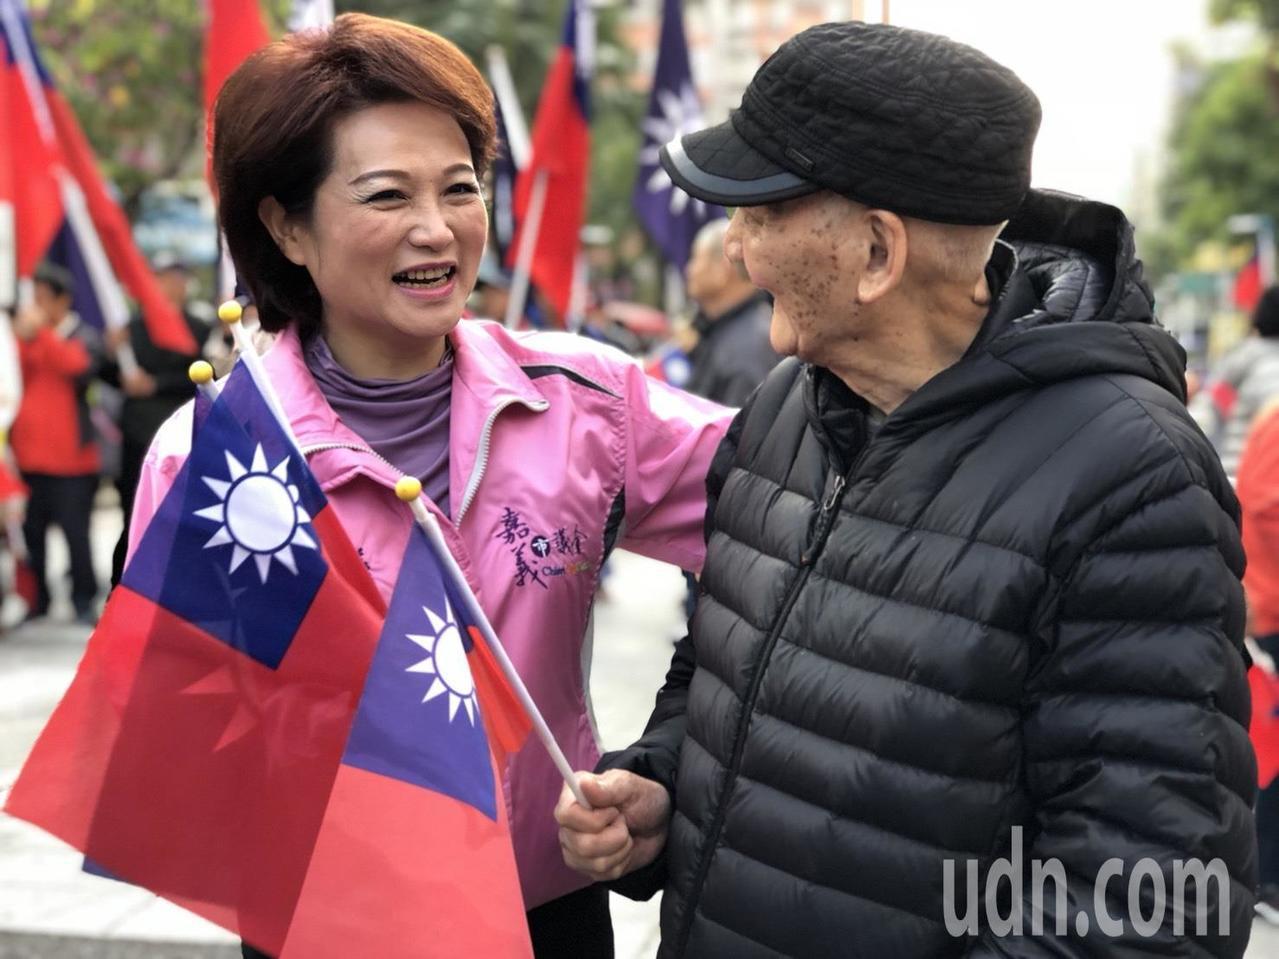 國民黨籍嘉義市議長蕭淑麗今天在議會宣布退黨,她感嘆,國民黨的世代交替只是口號,卻...